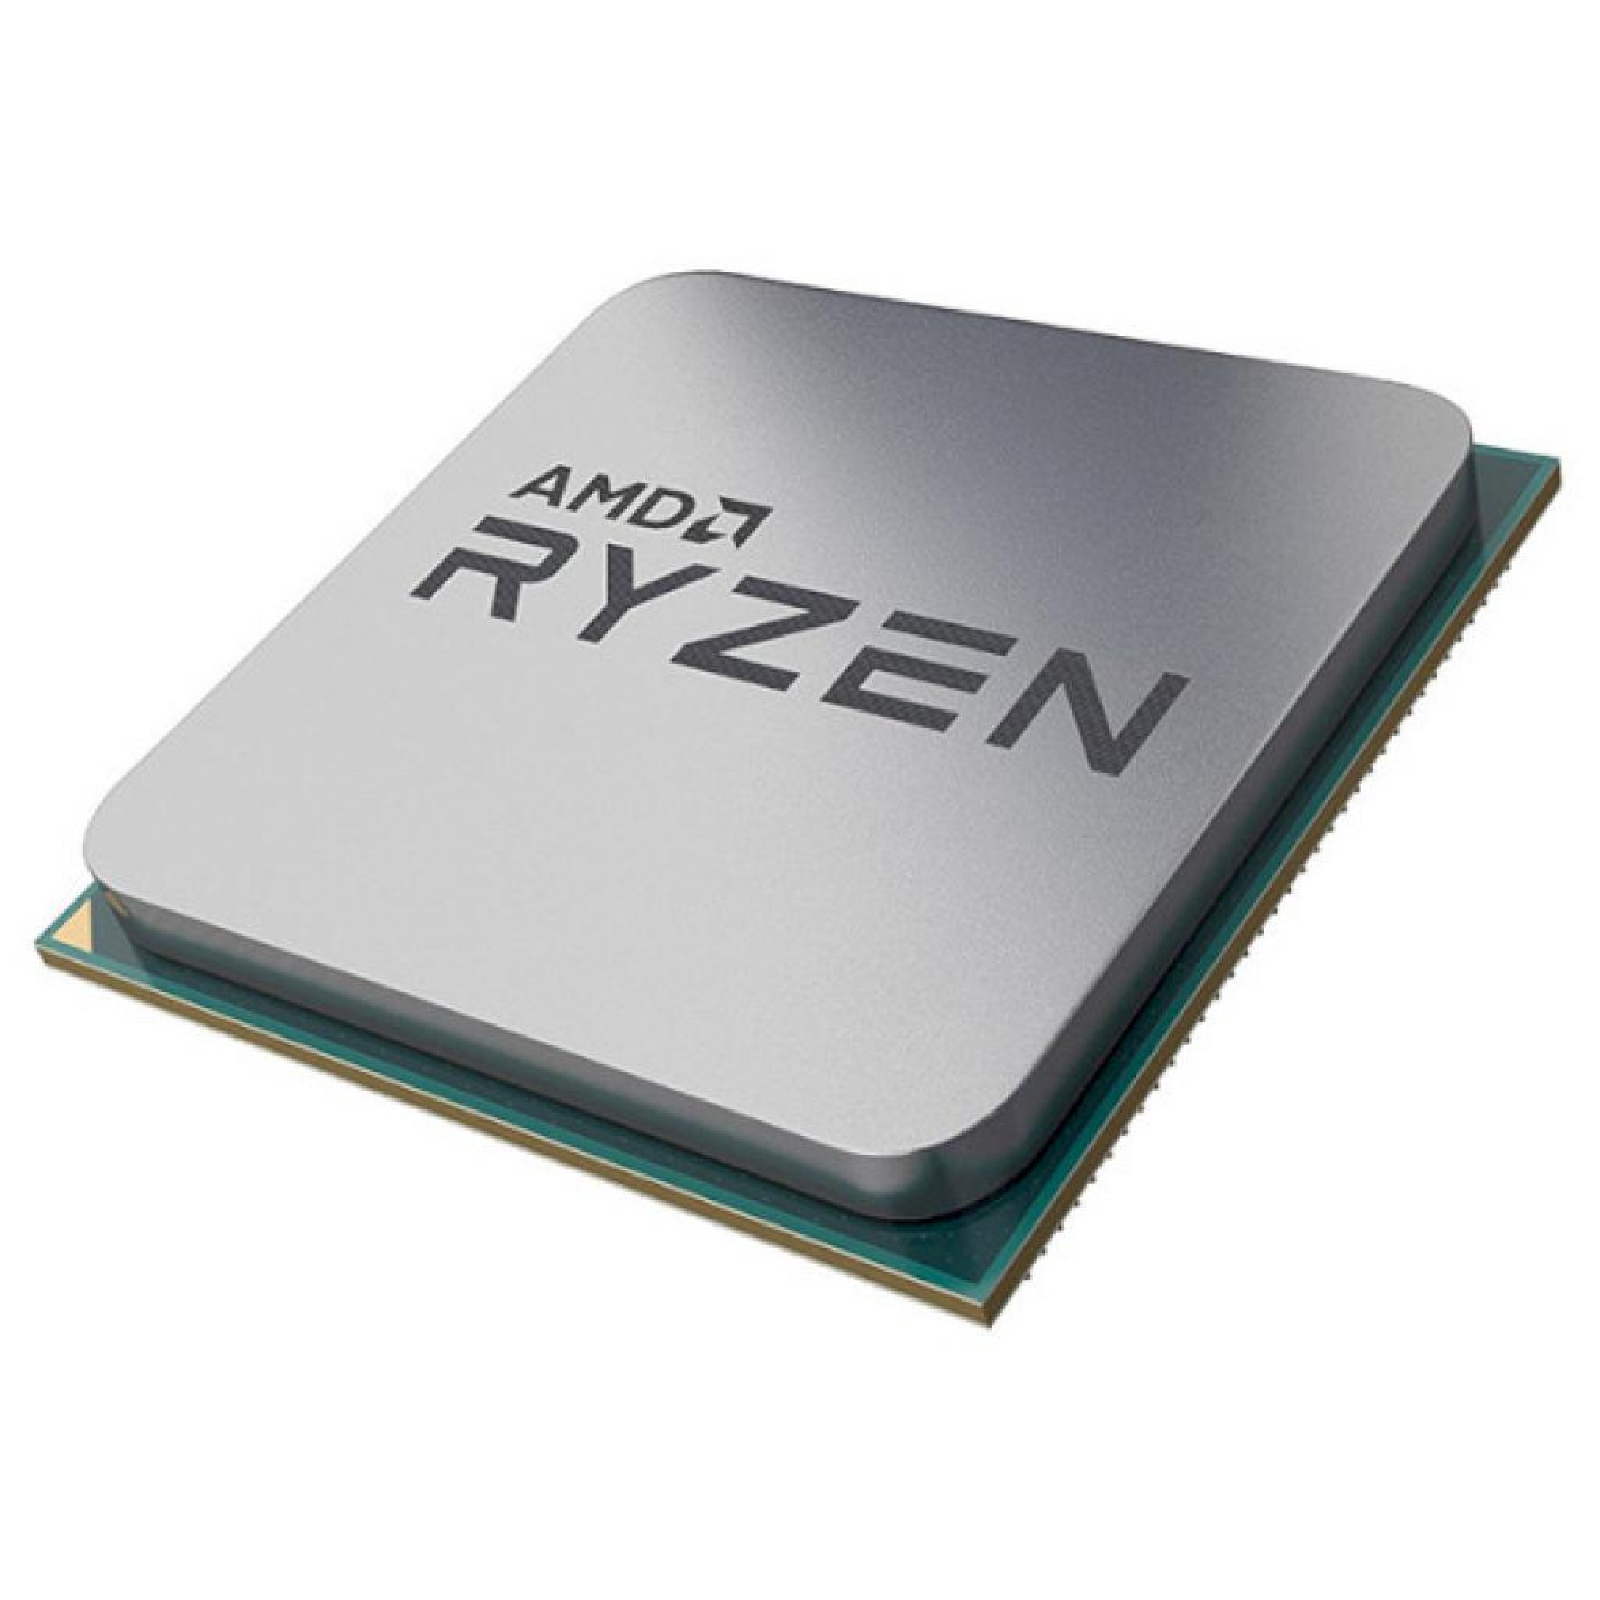 Процессор AMD Ryzen 5 3600 (100-100000031MPK) изображение 2